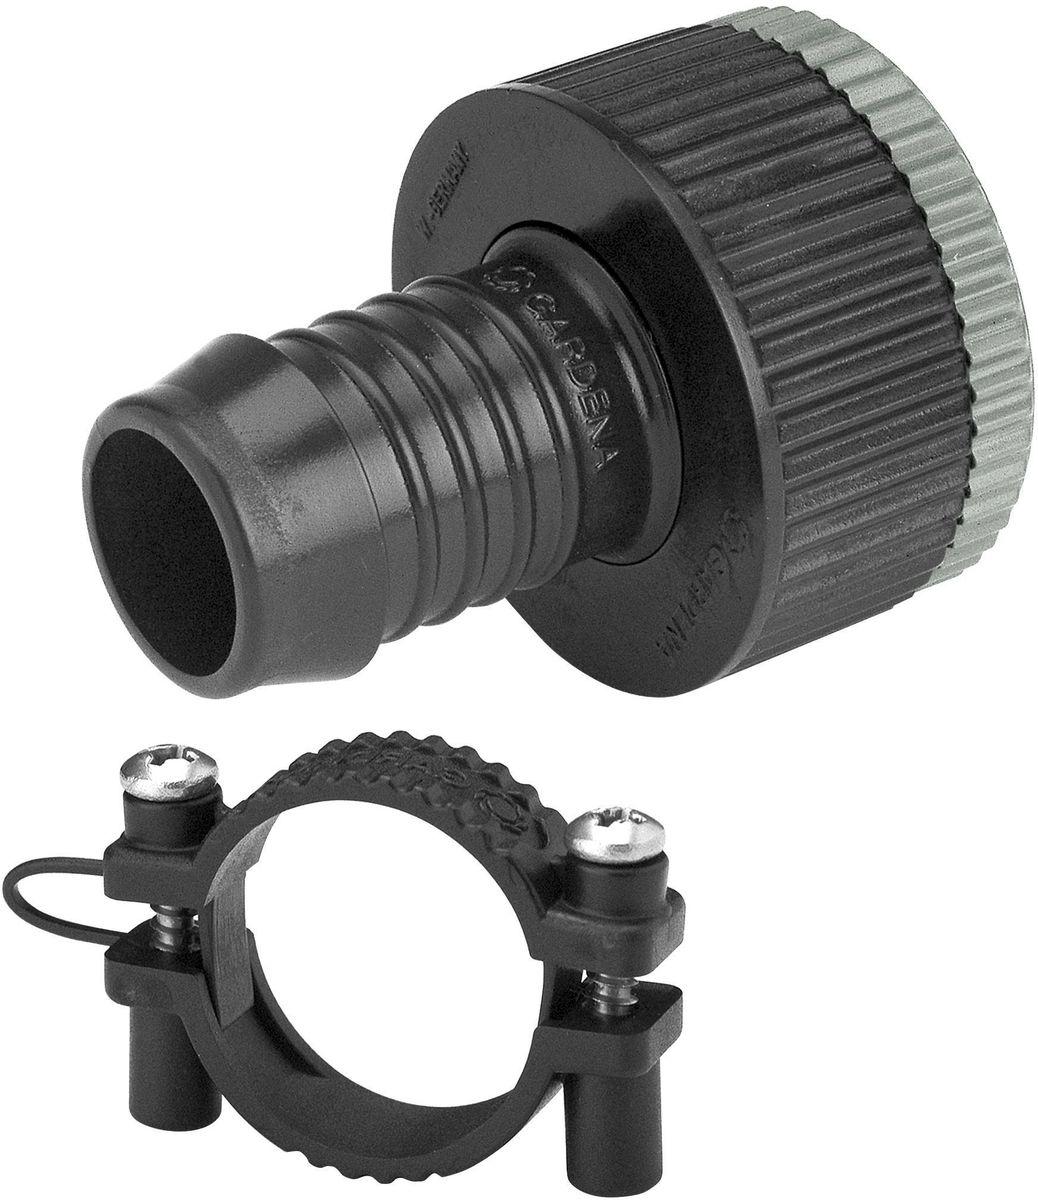 Вставка адаптерная Gardena106-026Адаптерная вставка Gardena предназначена для создания устойчивого к постоянному давлению шлангового соединения между водопроводным краном и входной колонкой. При подсоединении клапана для полива или водозаборной колонки, как правило, создается постоянное давление. Такая вставка подходит для кранов с резьбой 26,5 мм (G 3/4) и 33,3 мм (G 1), а также для шлангов диаметром 19 мм (3/4). В комплект поставки входит хомут для крепления шланга. Кроме того, адаптерная вставка может использоваться для перехода с подающего шланга 19 мм(3/4) на шланг 25 мм с соединителем Gardena, наружная резьба 25 мм х 1.